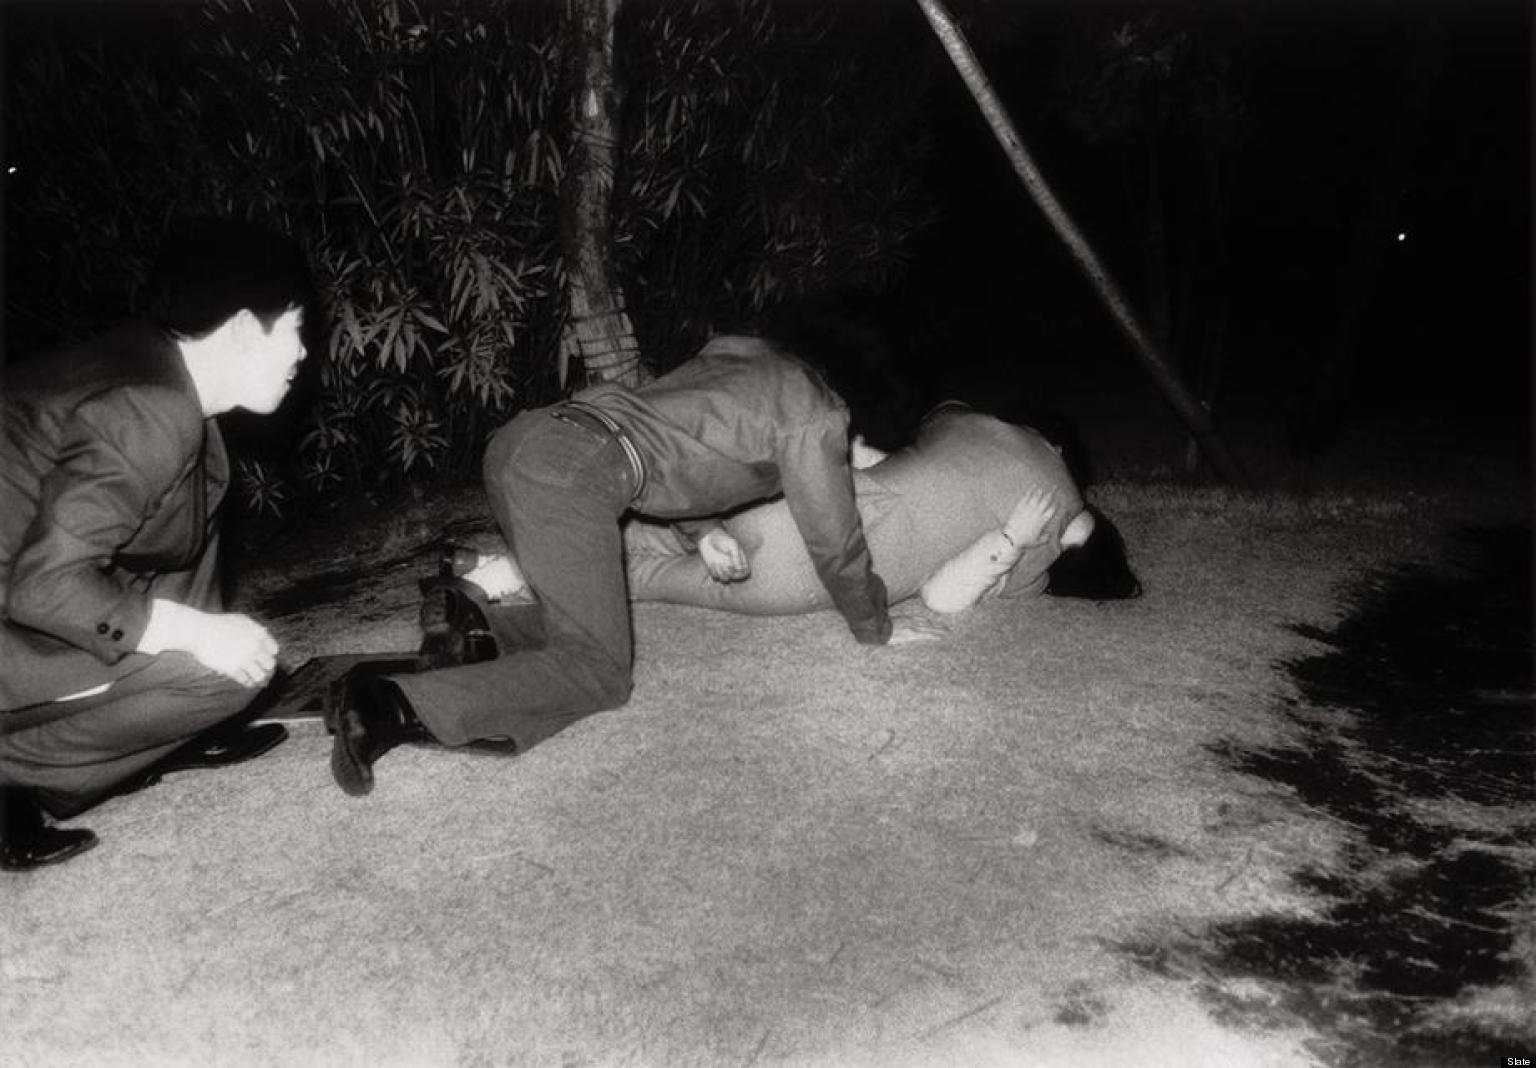 Sophie evans follando con potro de bilbao sev 2013 - 3 part 10